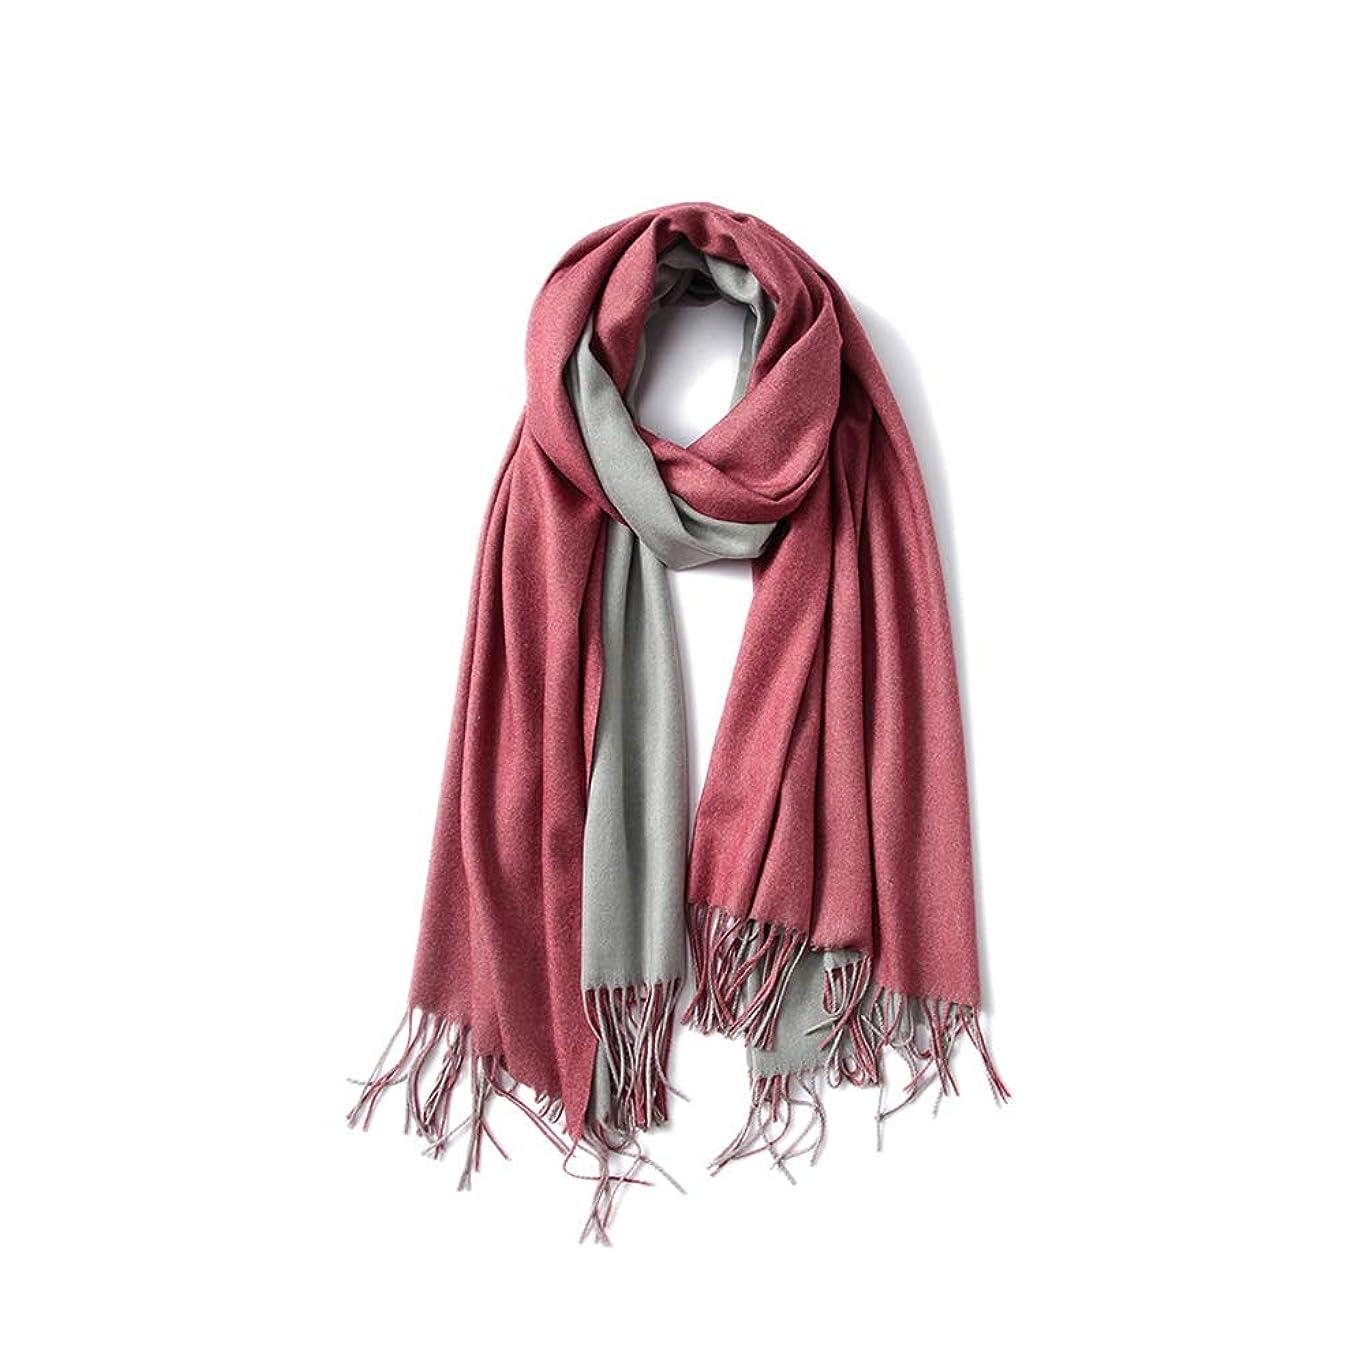 ラリー付録グラフ模造カシミヤ女性のスカーフ、現代のファッションステッチの色ソリッドカラーフリンジ秋冬暖かい装飾ショール、200 * 70CM,C